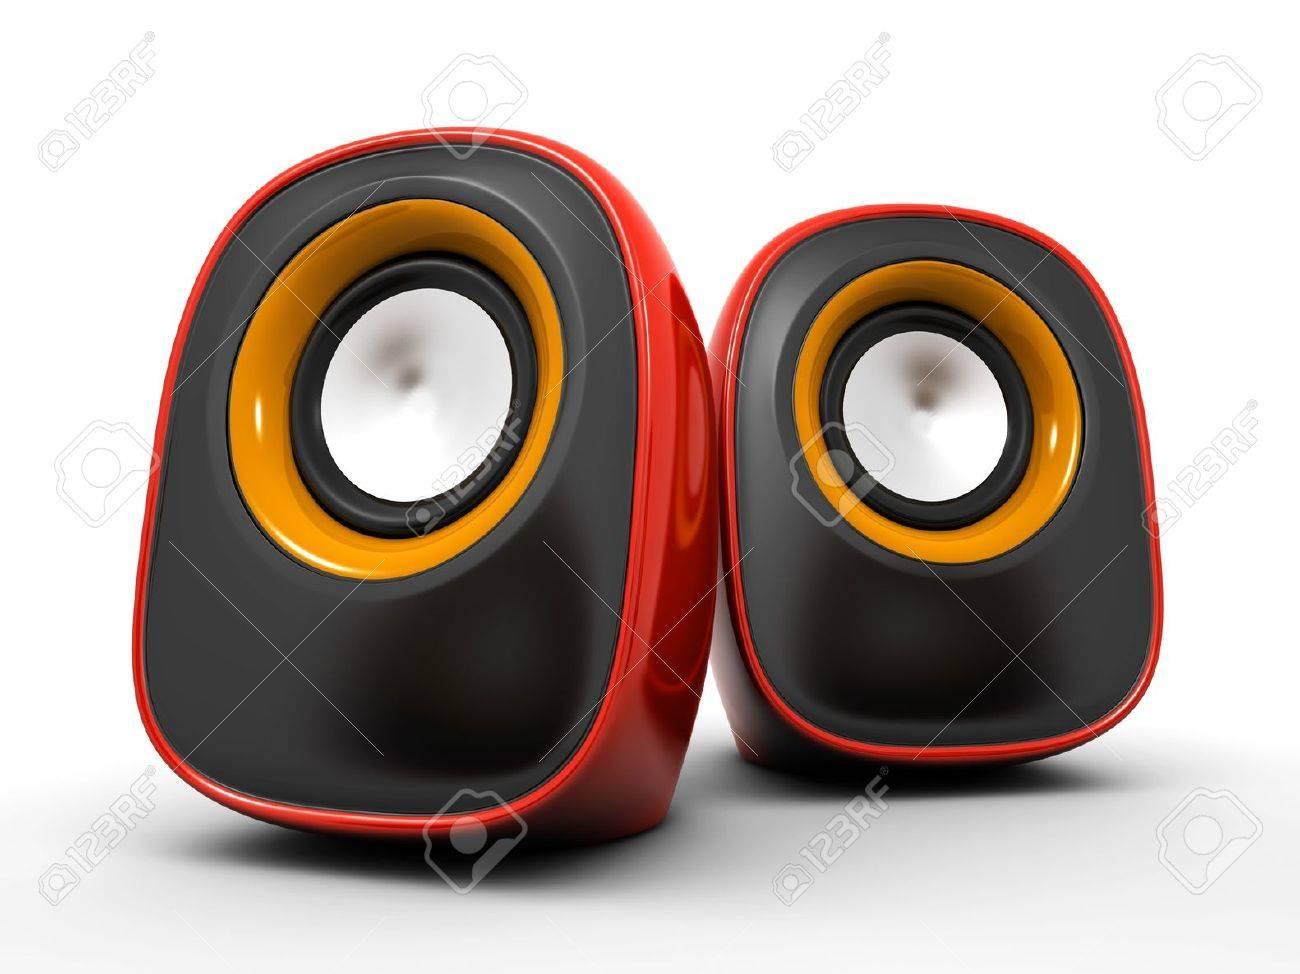 speakers Stock Photo - 11531839